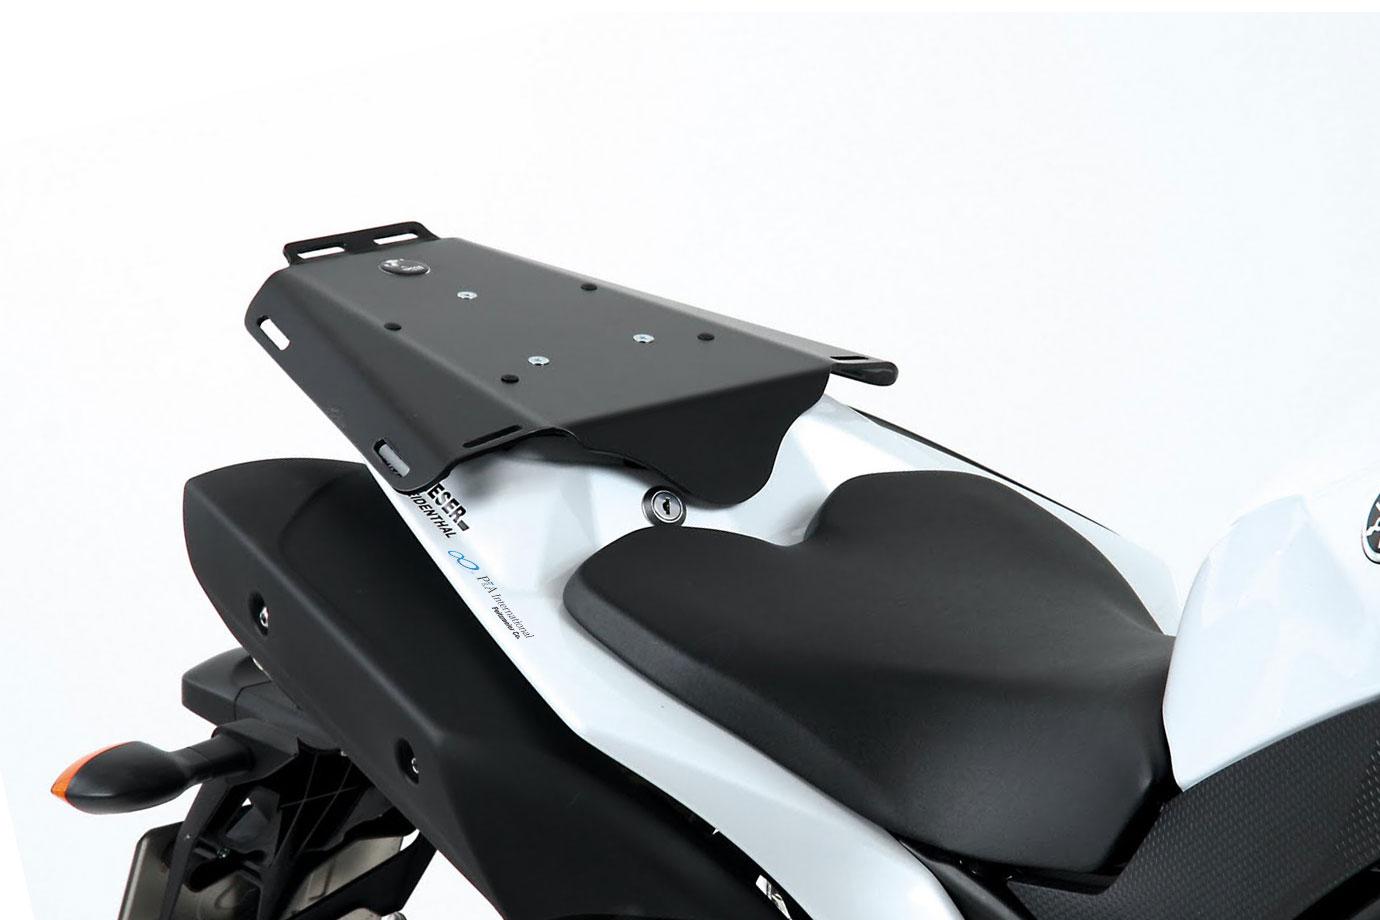 ヘプコ&ベッカー 正規品 タンデムシート置換型リアラック「Speedrack EVO」 YAMAHA YZF-R1 ('09-'14)